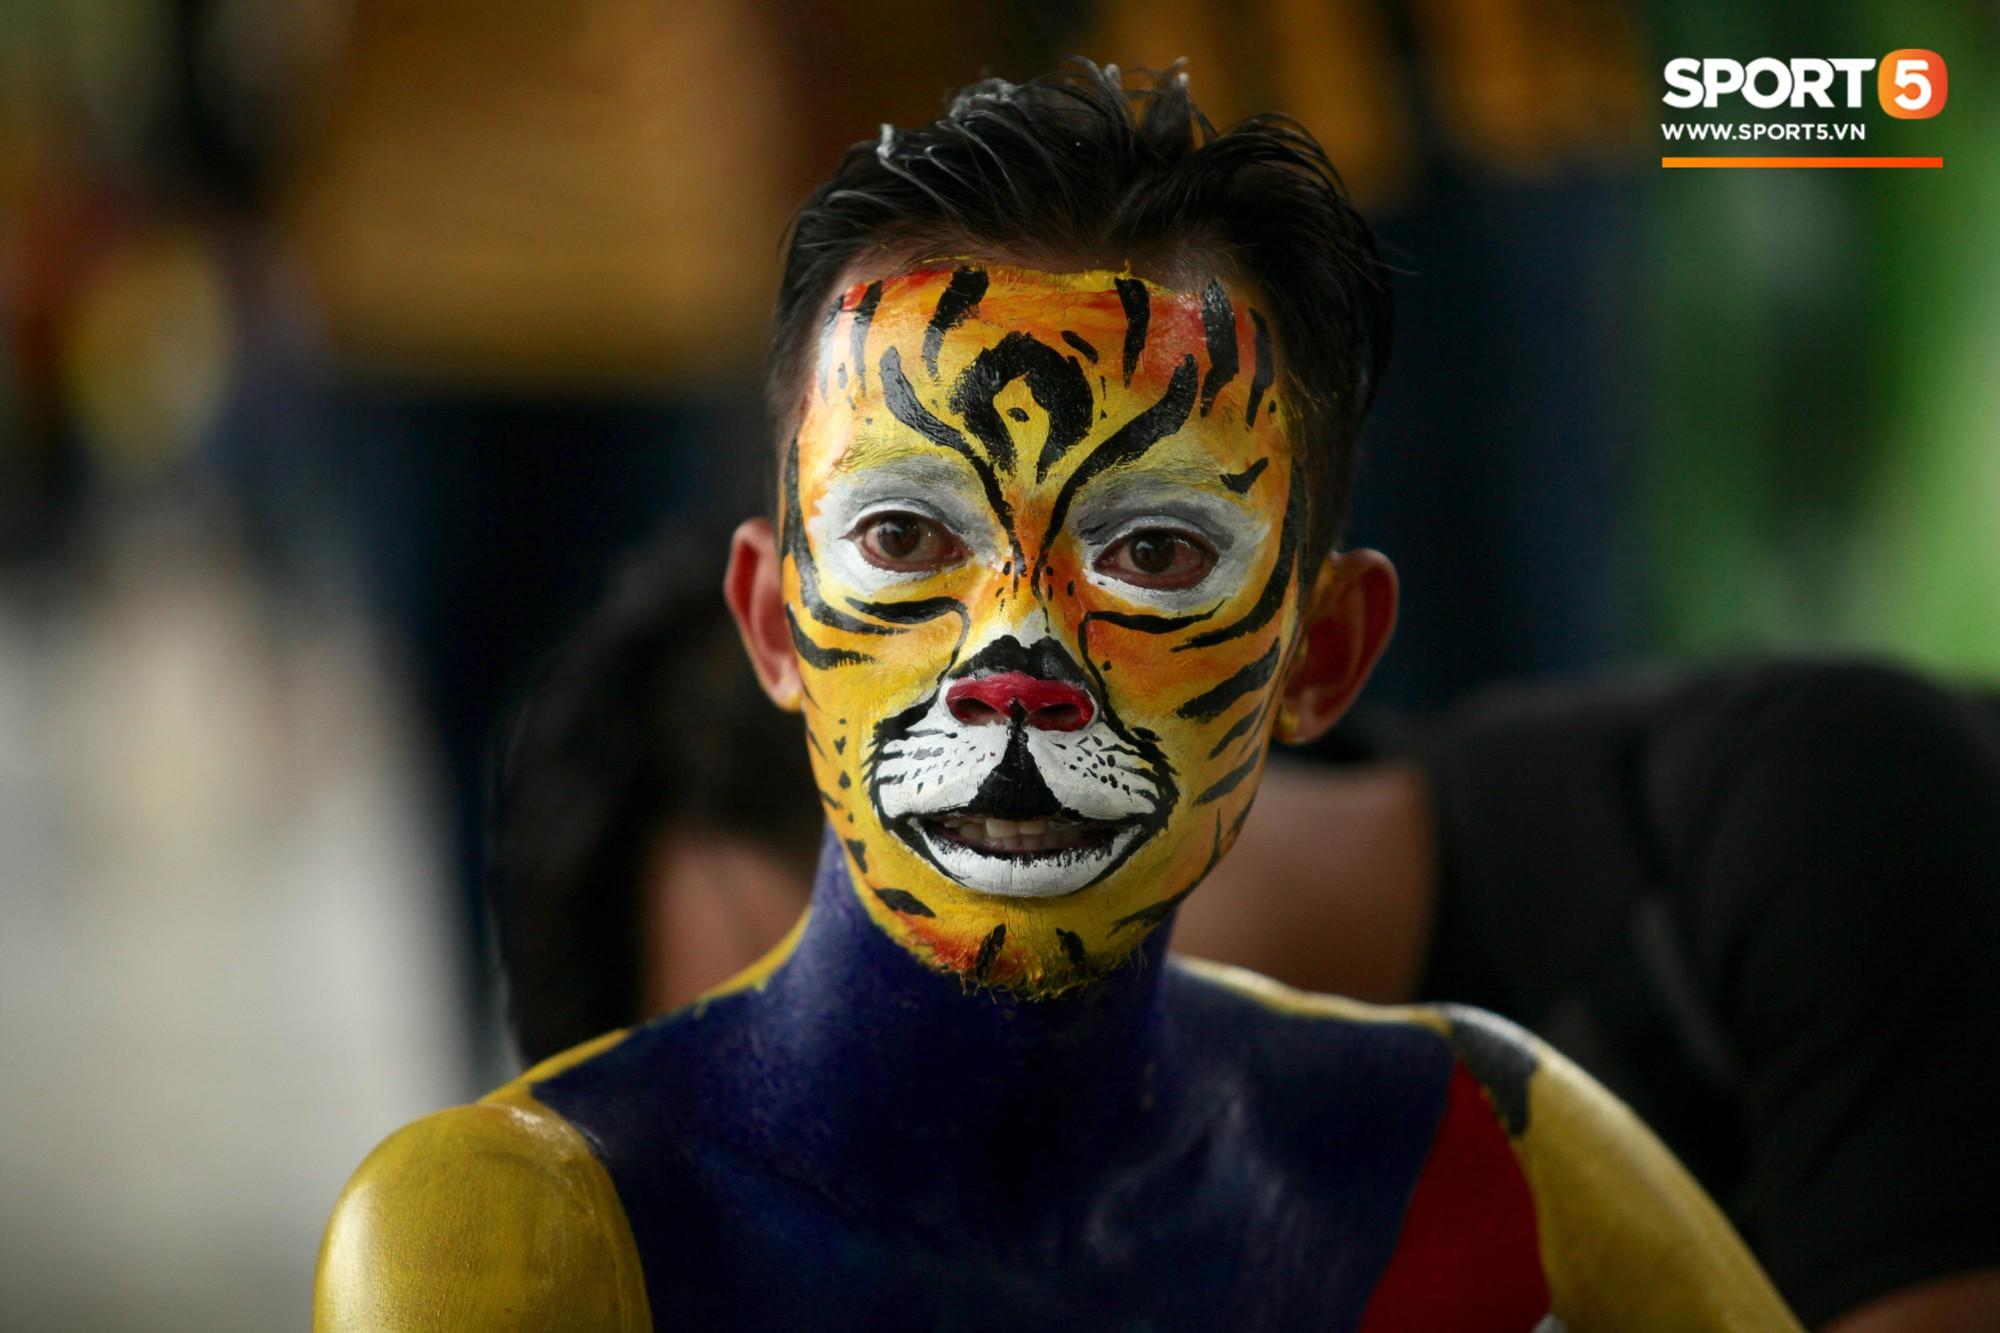 Fangirl xinh đẹp hâm nóng bầu không khí trước thềm đại chiến Việt Nam vs Malaysia-10